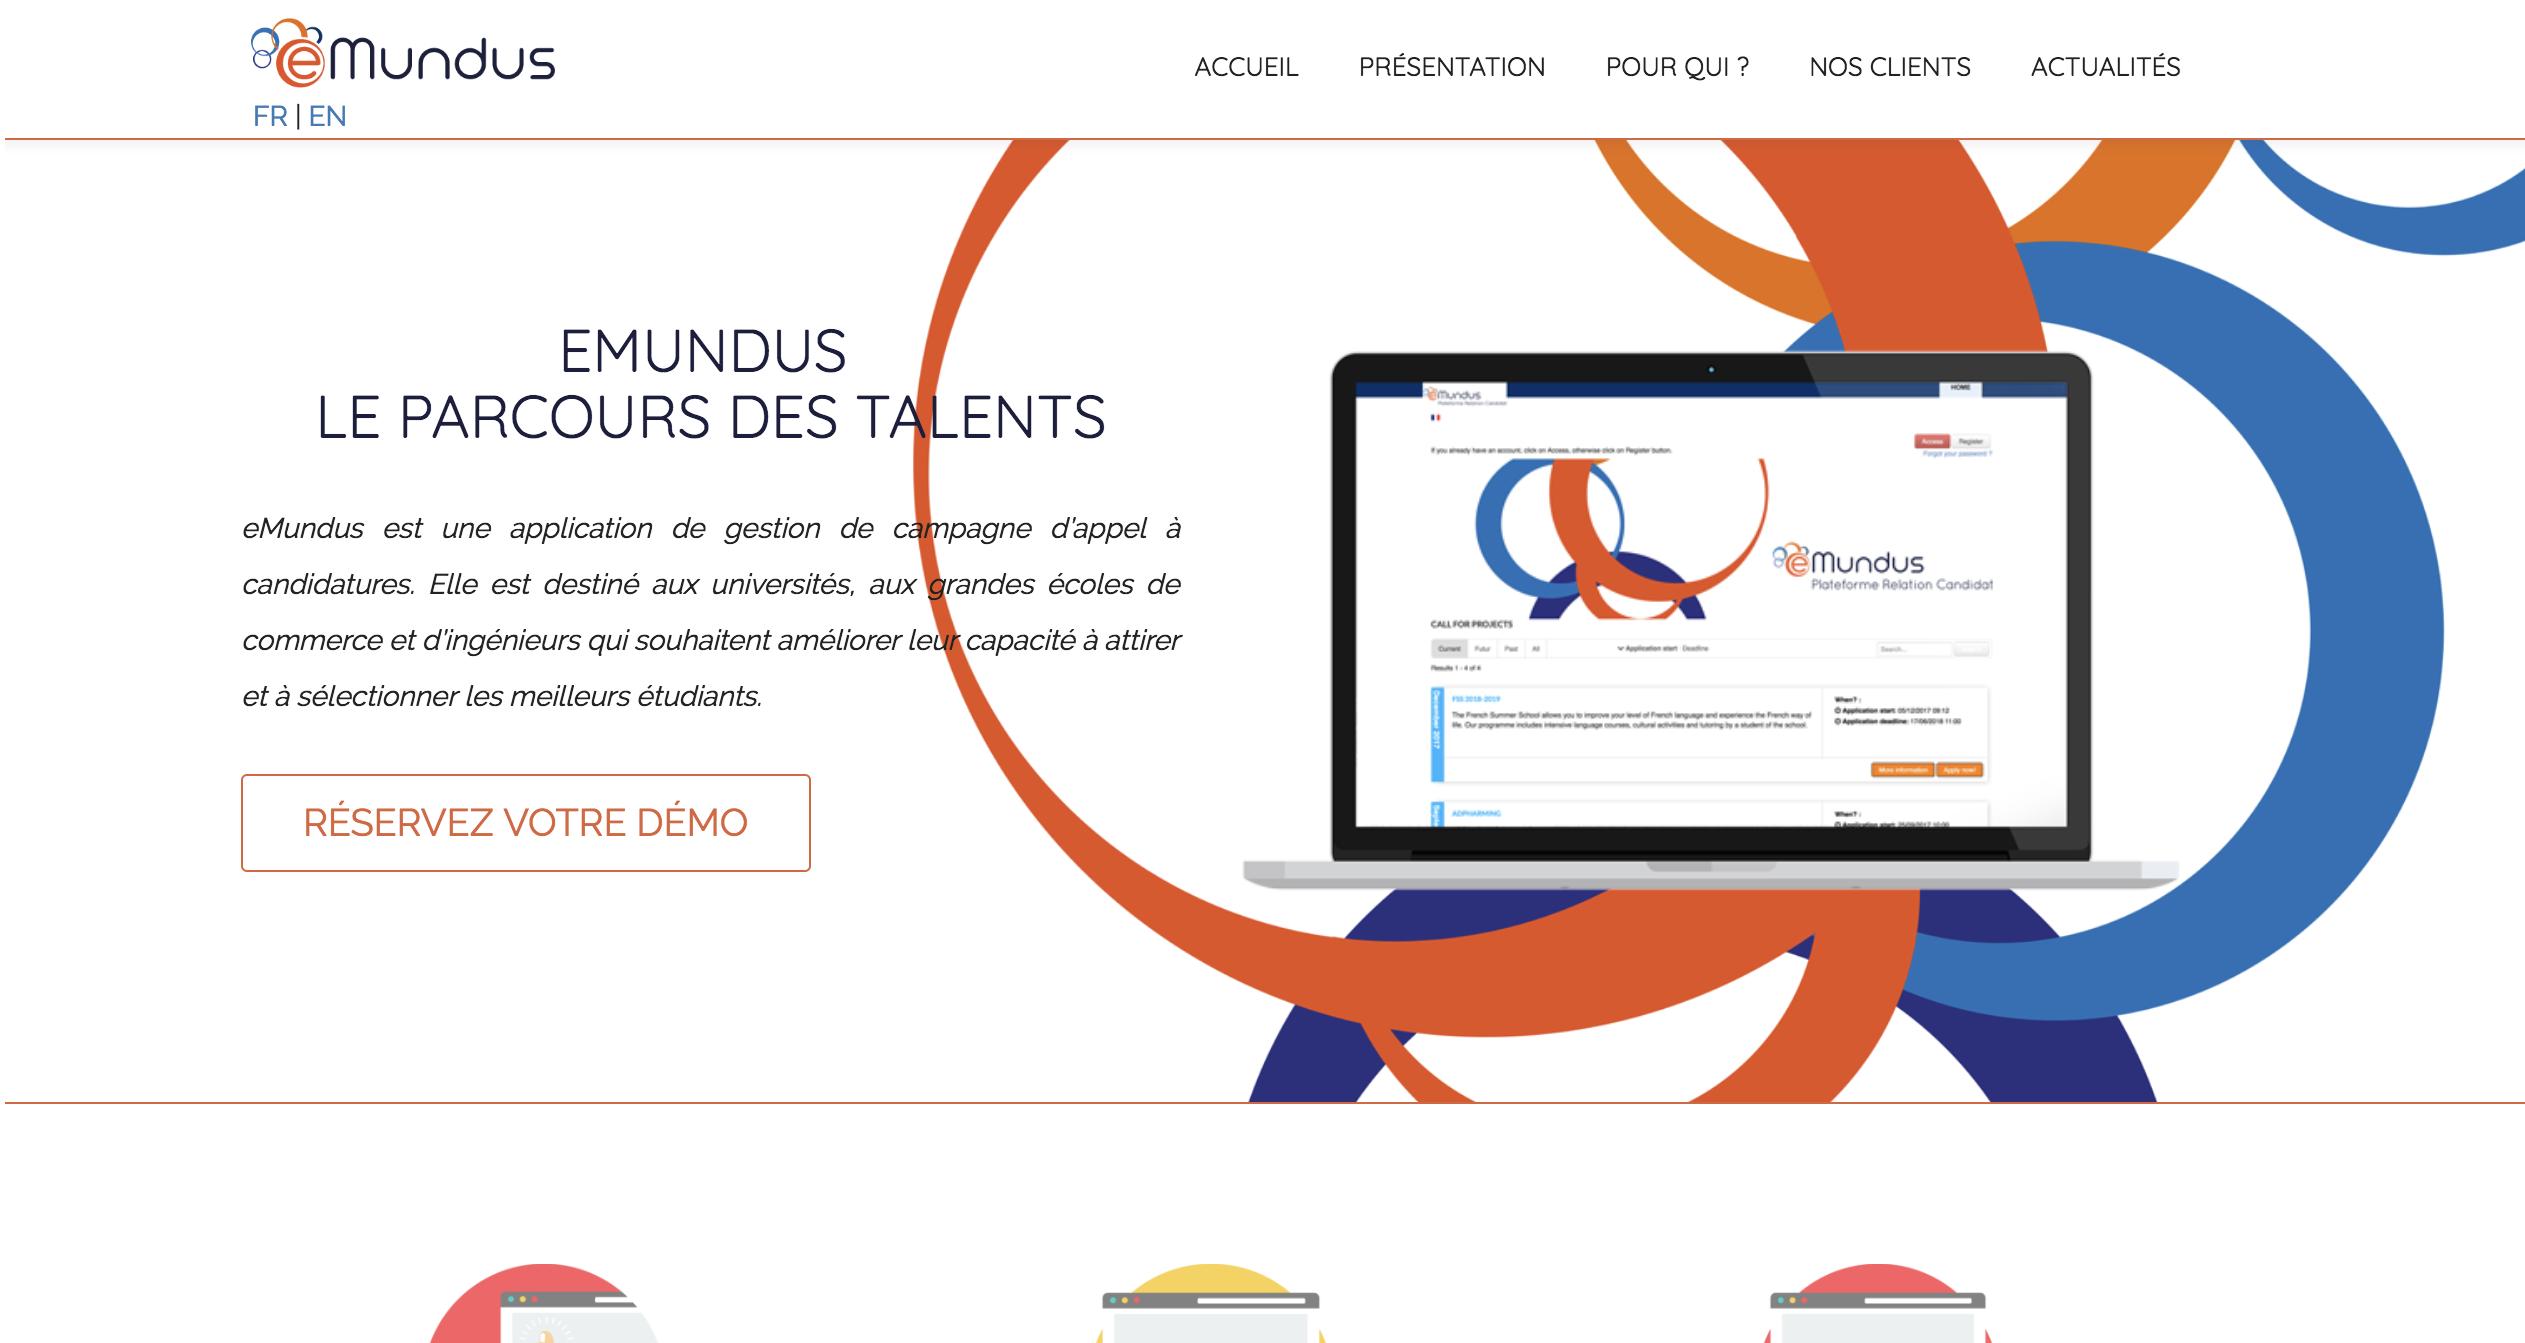 Review eMundus: Online candidacy management plateform - Appvizer